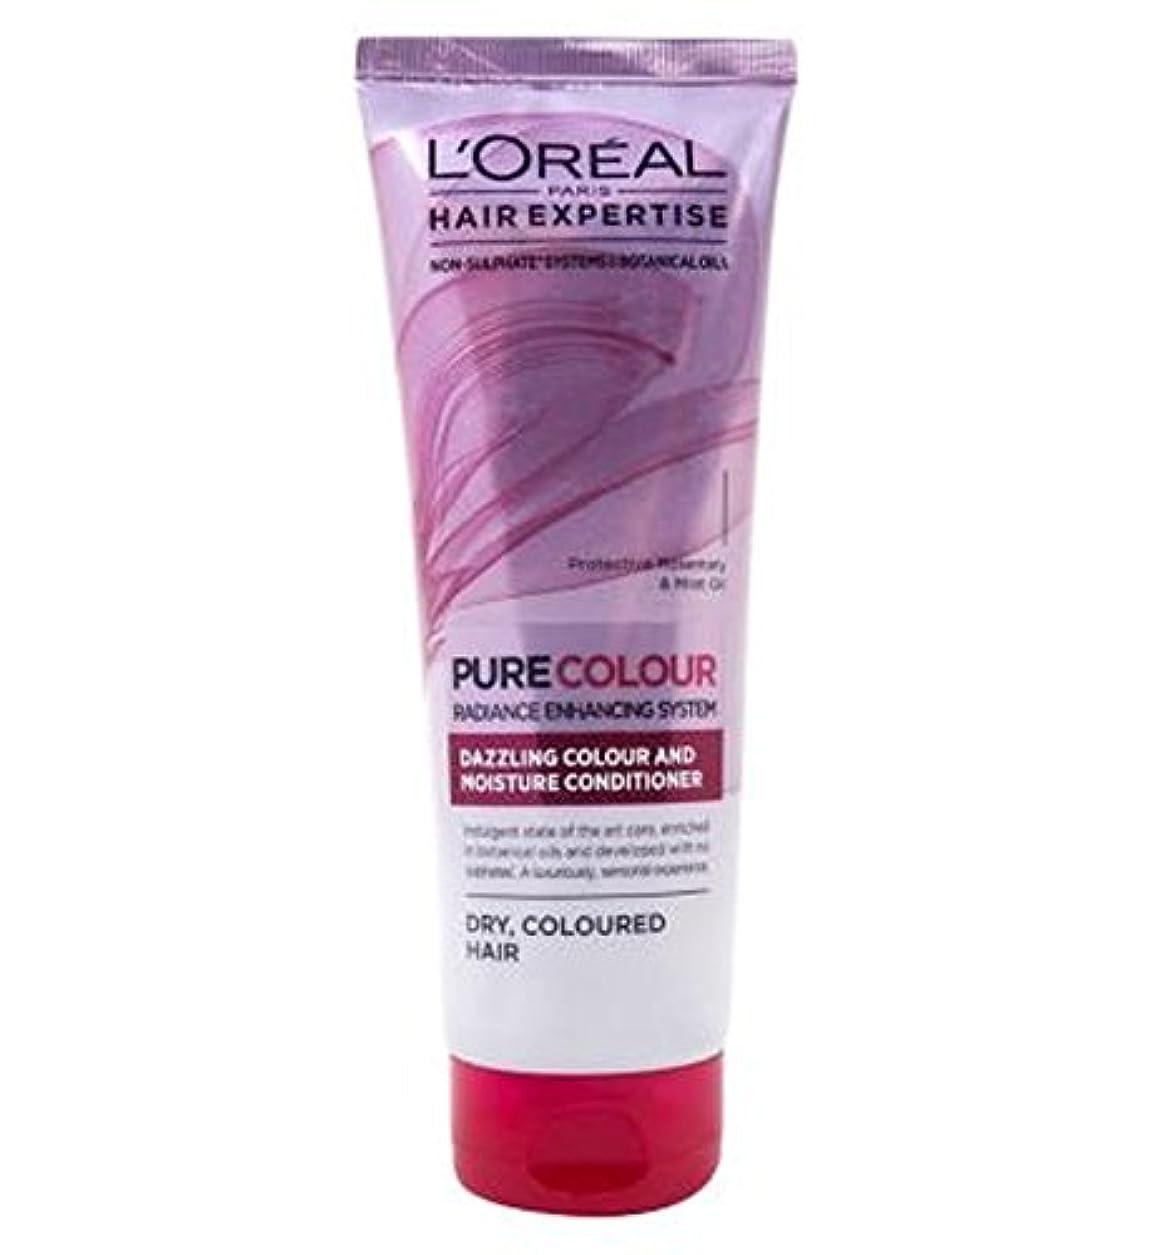 登山家忠実な人気のロレアルパリの髪の専門知識の超純粋なカラーケア&水分コンディショナー250Ml (L'Oreal) (x2) - L'Oreal Paris Hair Expertise SuperPure Colour Care & Moisture Conditioner 250ml (Pack of 2) [並行輸入品]